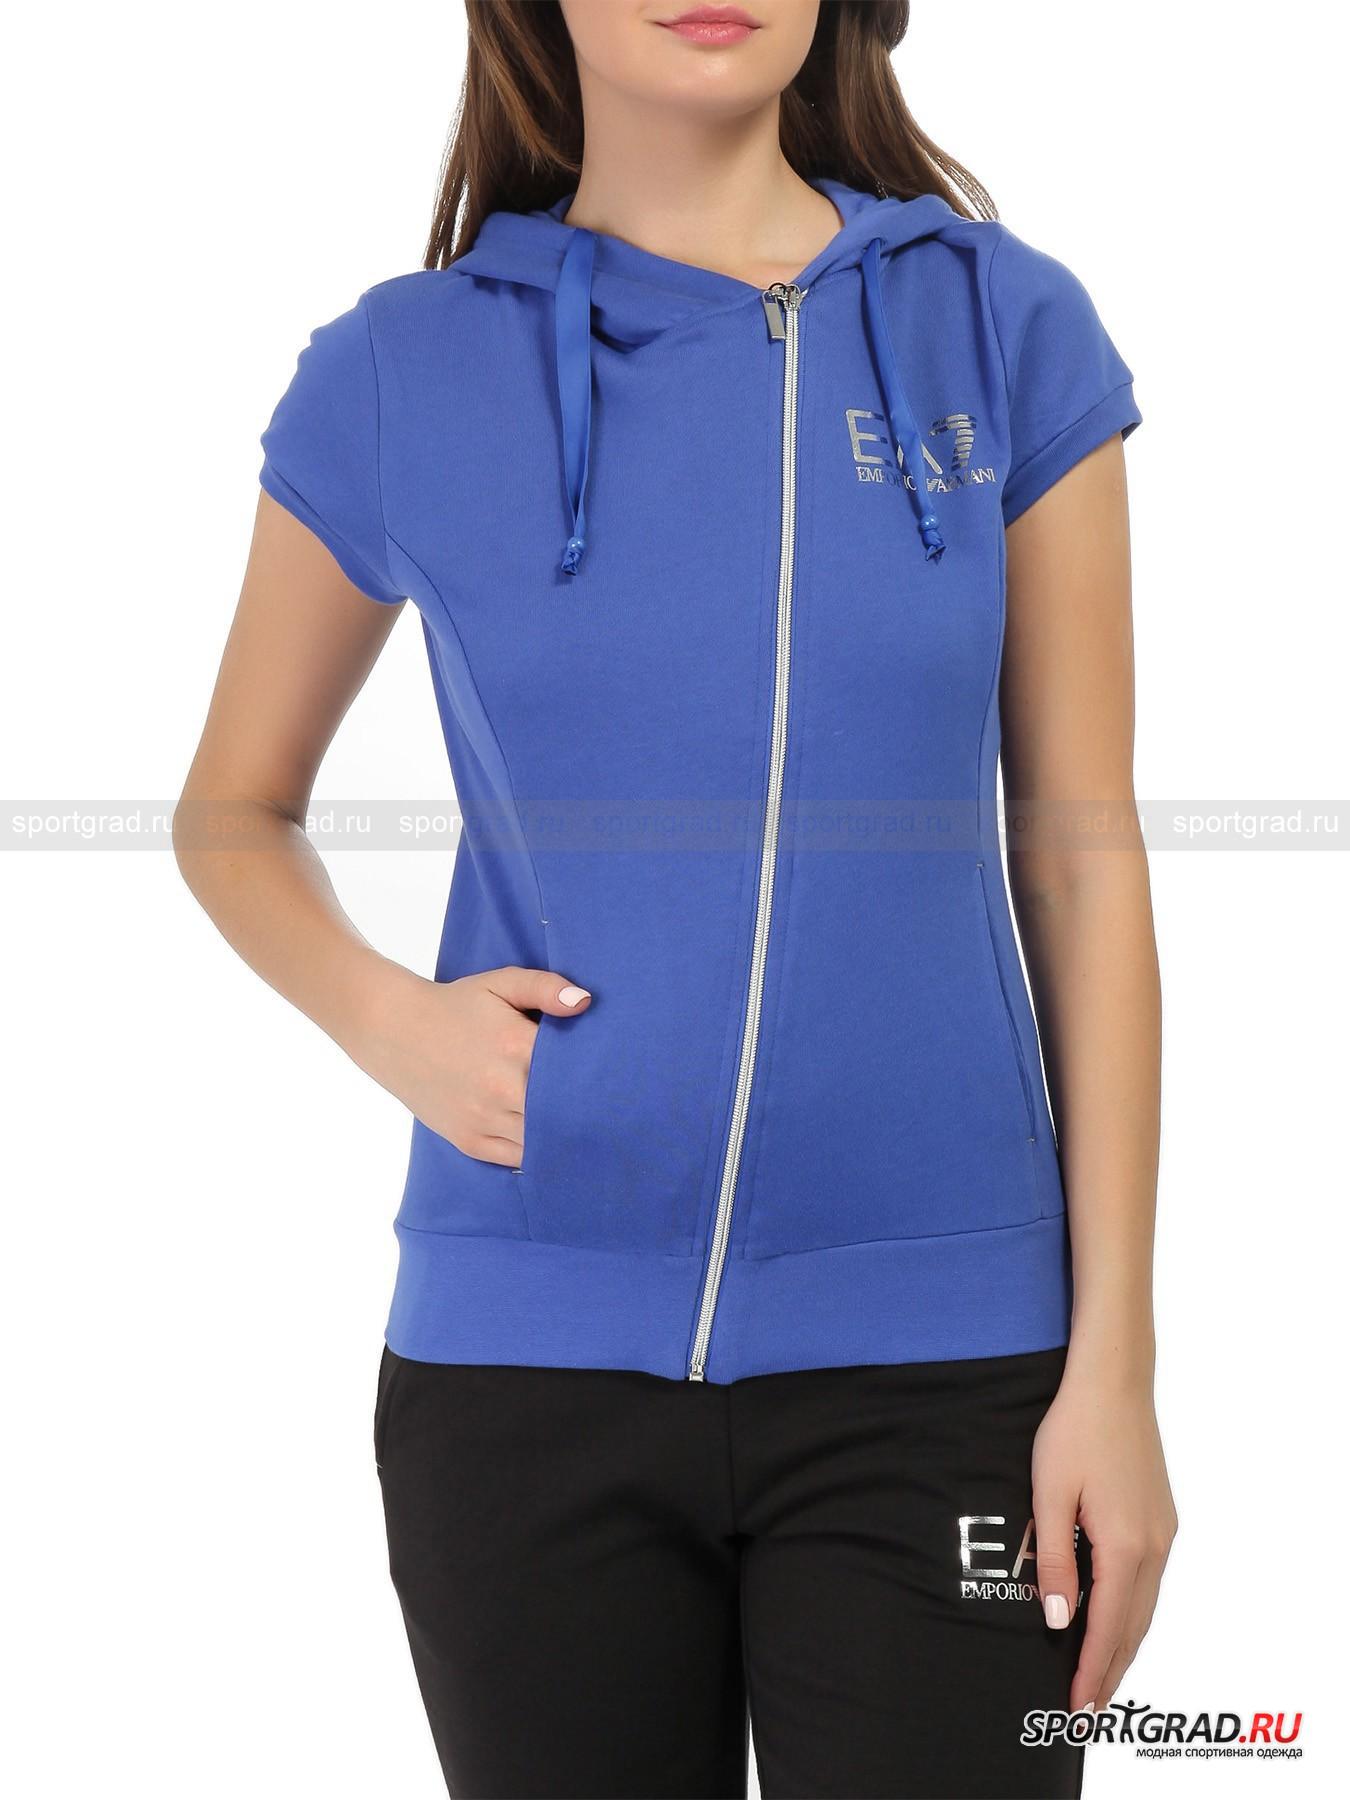 Толстовка женская с коротким рукавом Train Core Sweatshirt EA7 Emporio ArmaniТолстовки<br>Яркая толстовка с коротким рукавом Train Core Sweatshirt EA7 Emporio Armani – небанальная вещь для вашего гардероба. Она позиционируется производителем именно как модель для тренировок, но не выглядит сугубо спортивно и пригодится и в обычной жизни. Модель отлично сидит, благодаря прямому крою скрывая возможные недостатки фигуры. Ткань тонкая, легкая и очень мягкая.<br><br>Особенности модели:<br>- ассиметричная молния;<br>- два прорезных кармана по бокам;<br>- капюшон с лентами-утяжками;<br>- петельчатая изнанка;<br>- фирменный логотип EA7.<br><br>Пол: Женский<br>Возраст: Взрослый<br>Тип: Толстовки<br>Рекомендации по уходу: стирка в теплой воде до 30 С; не отбеливать; гладить слегка нагретым утюгом (температура до 110 C); химчистка запрещена; нельзя выжимать и сушить в стиральной машине<br>Состав: 60% хлопок, 40% полиэстер